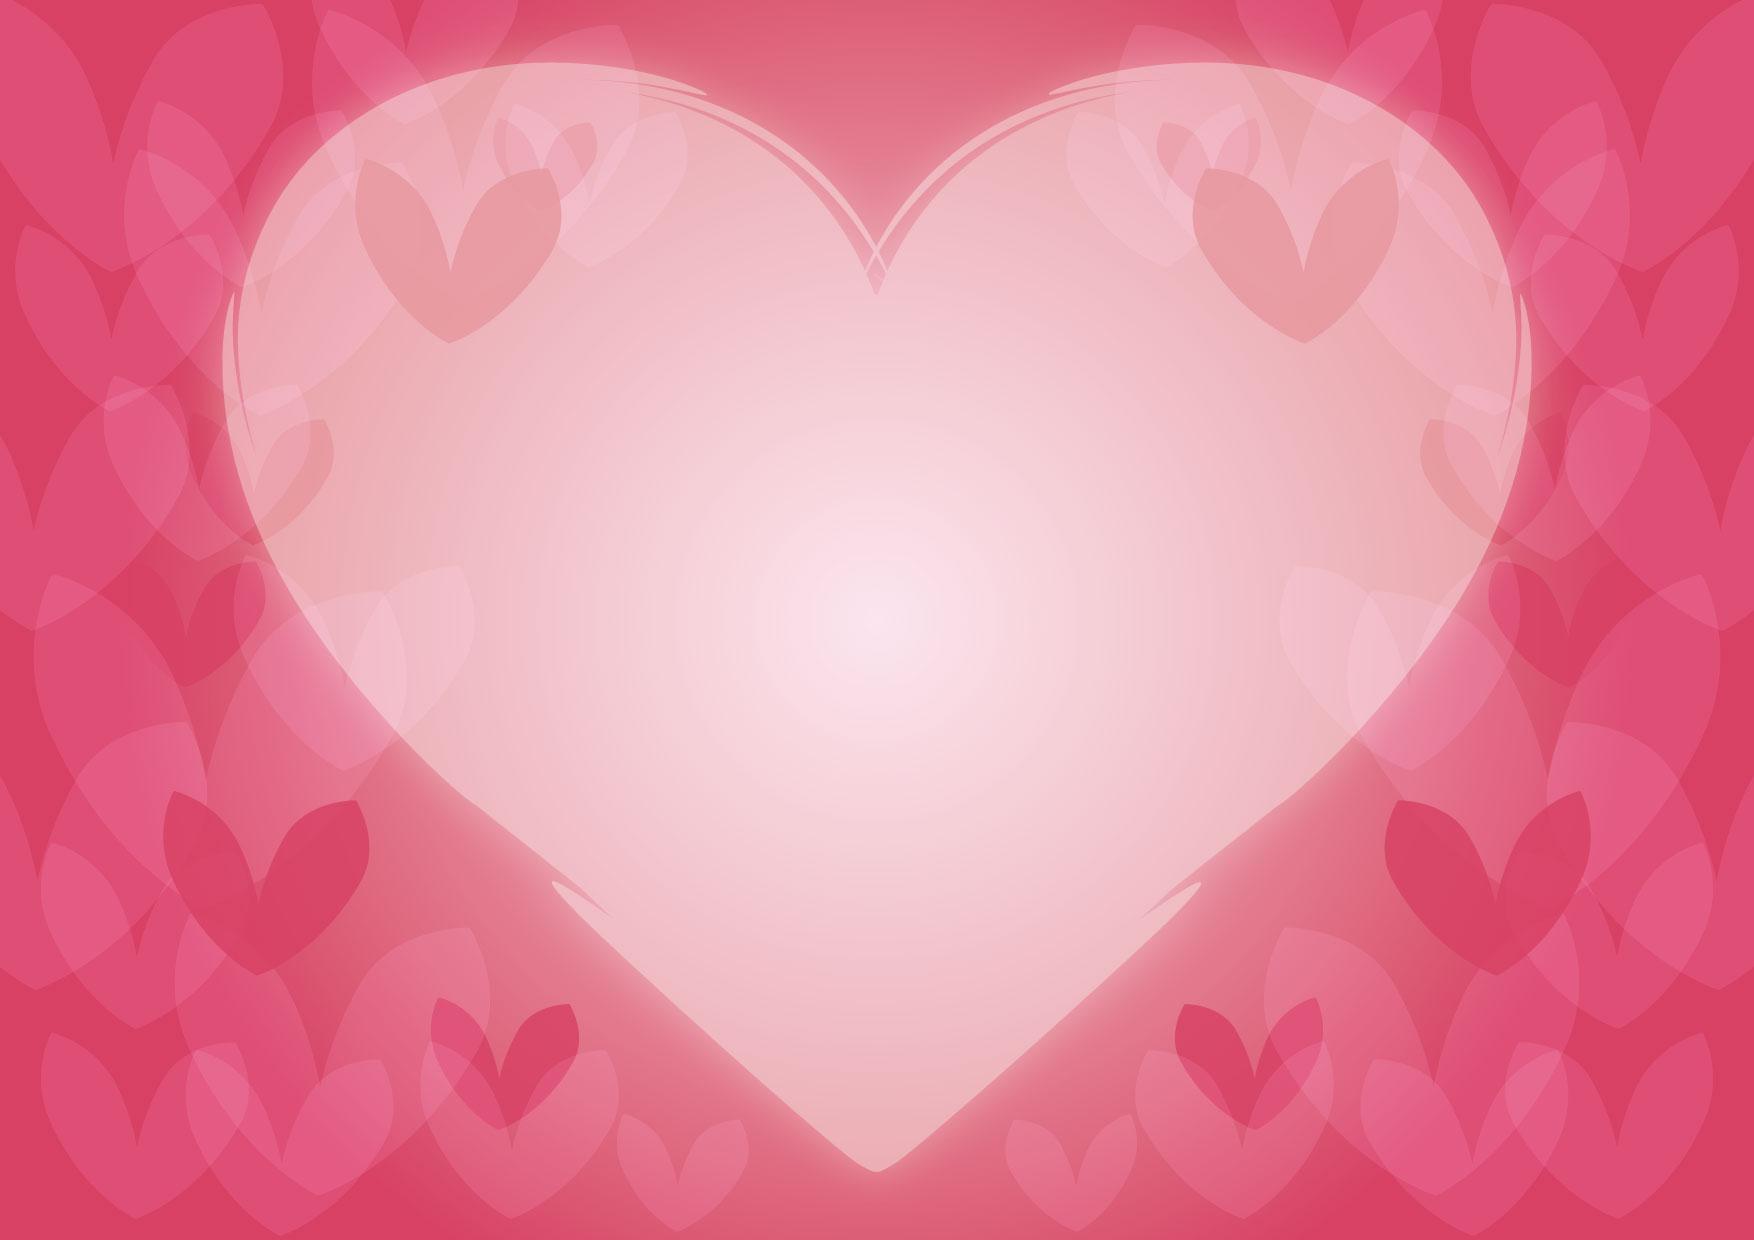 可愛いイラスト無料|バレンタイン ハート 背景 ピンク − free illustration Valentine heart background pink